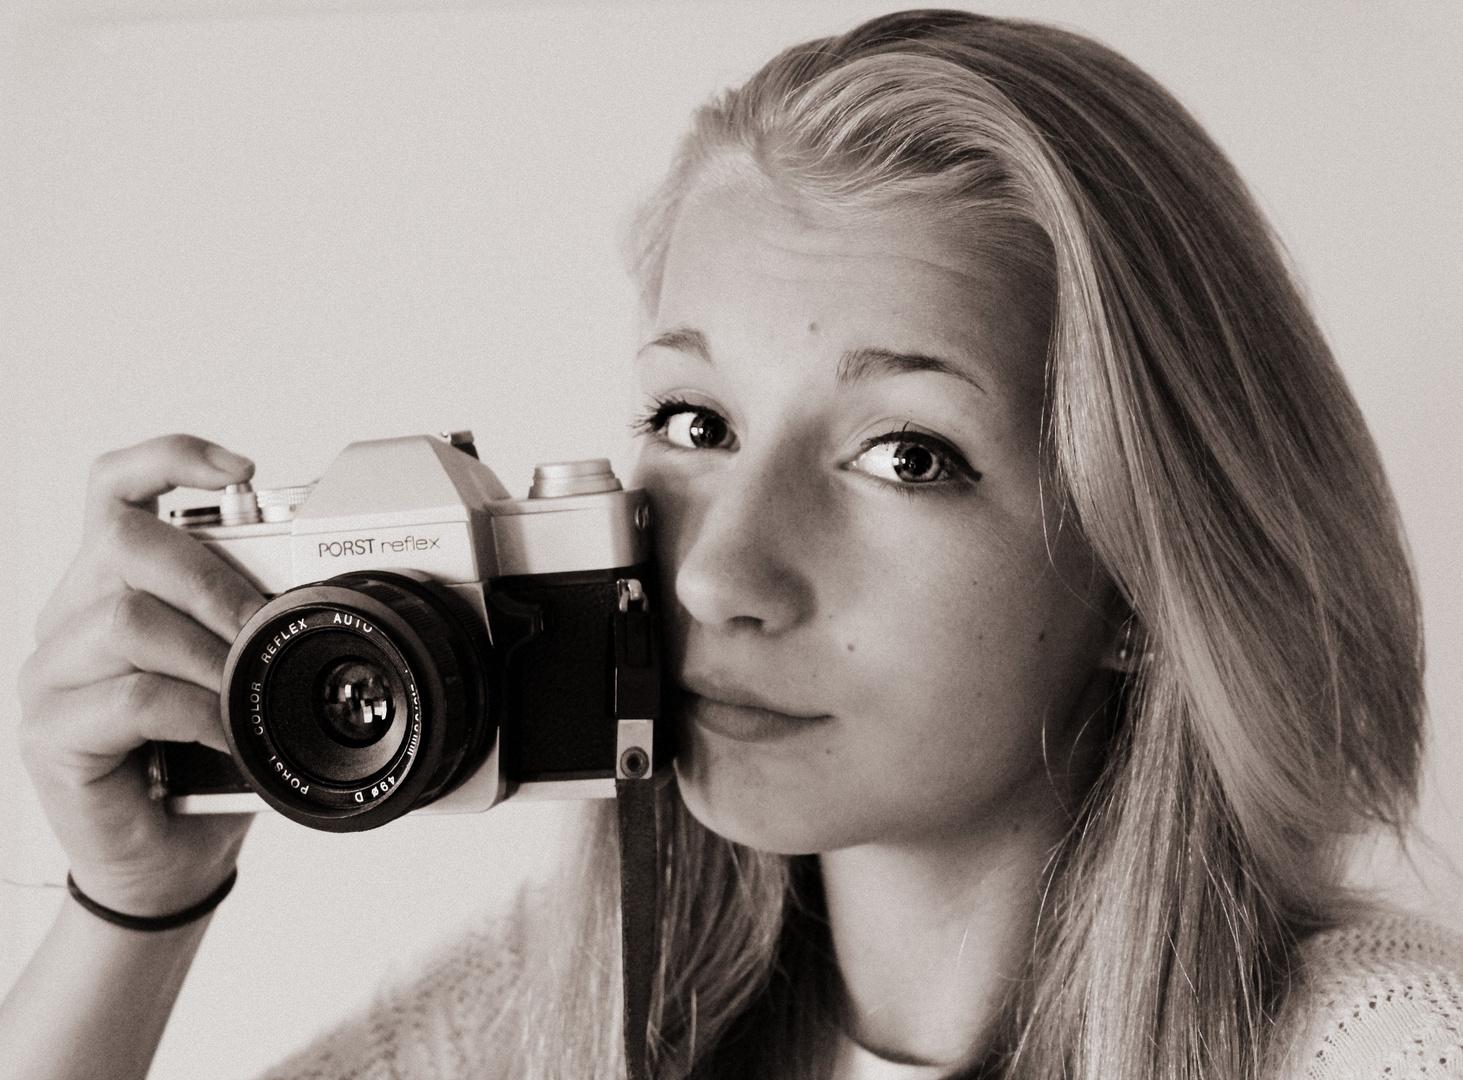 Fotografieren...